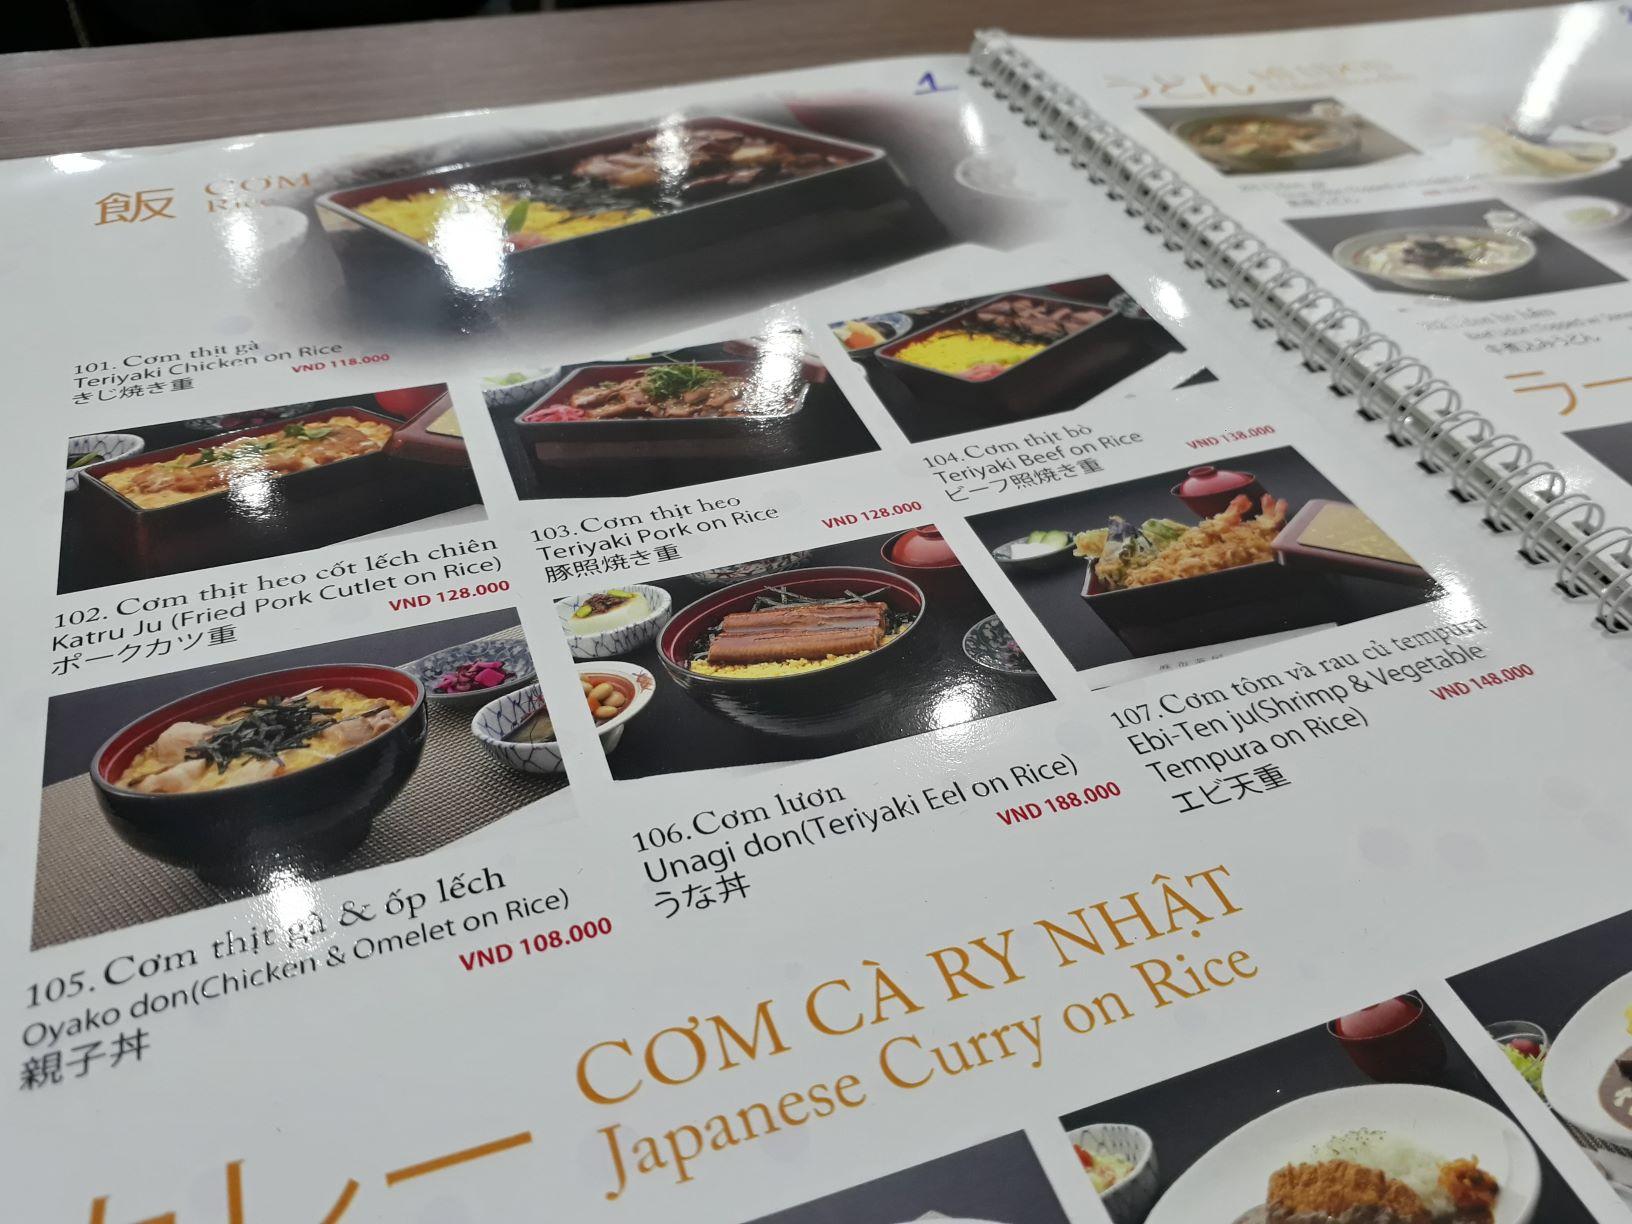 Thiết kế menu phải thật hấp dẫn để thu hút và tạo cảm hứng cho khách hàng